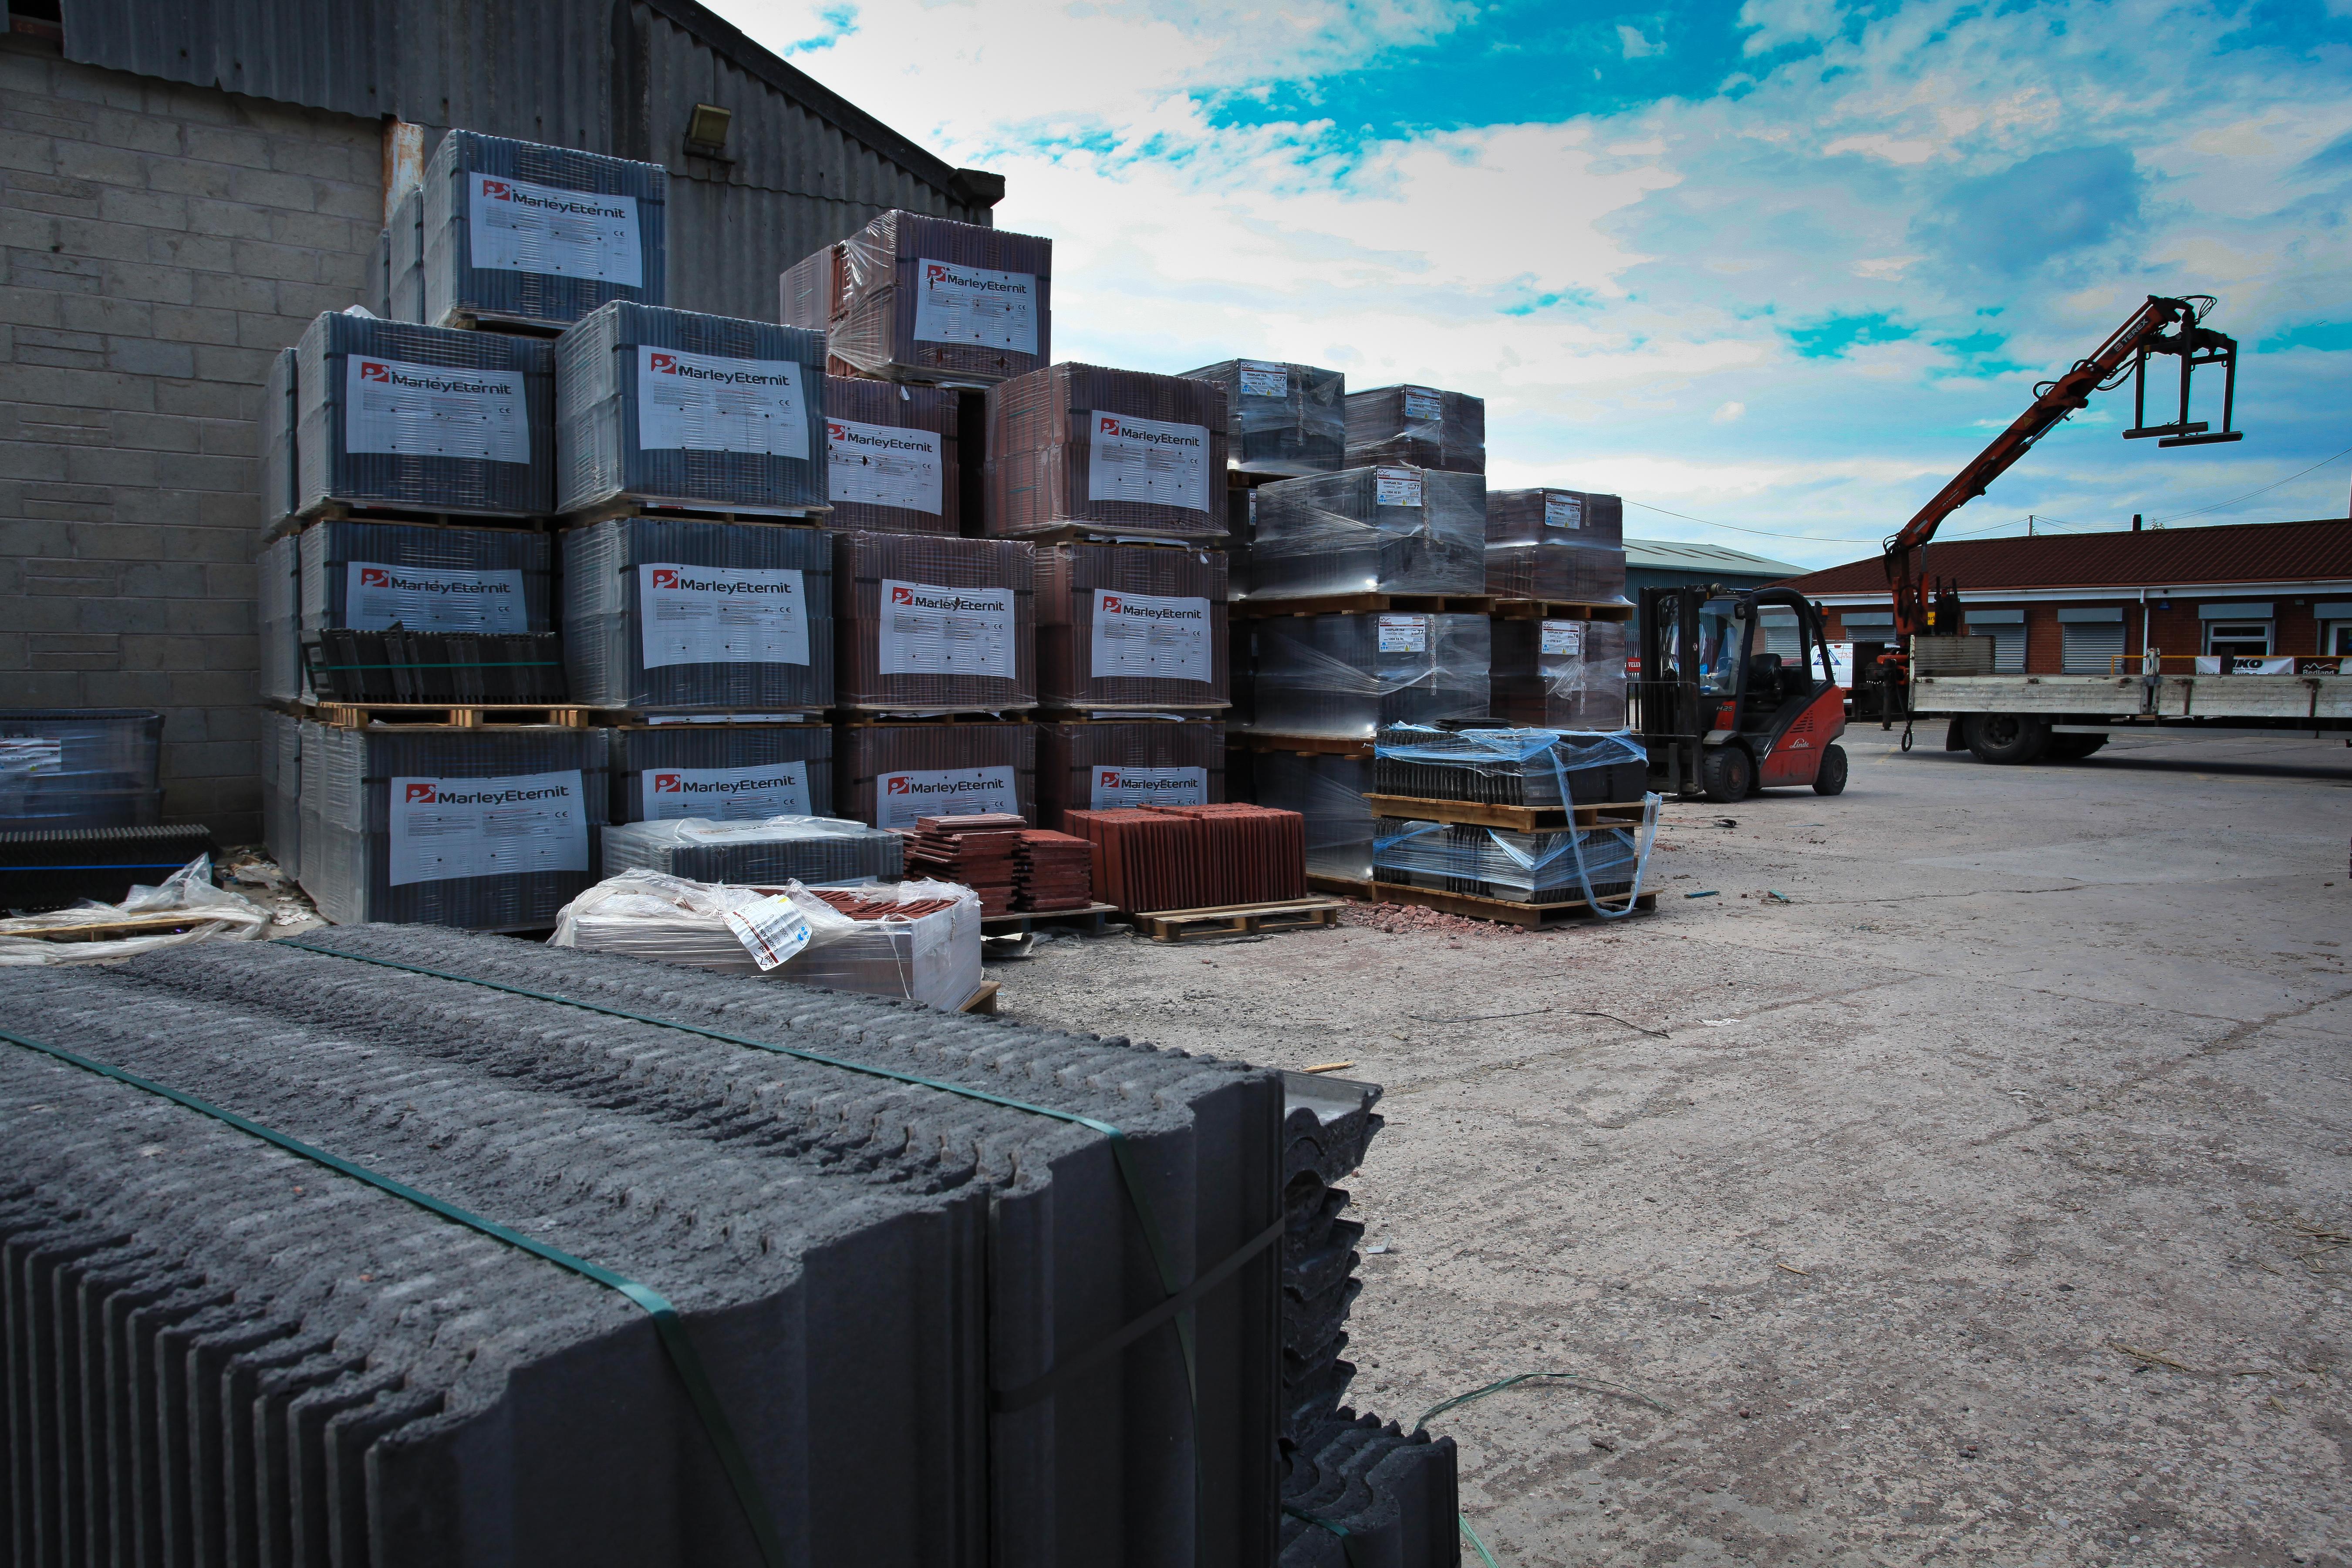 Roofing Supplies in Haydock